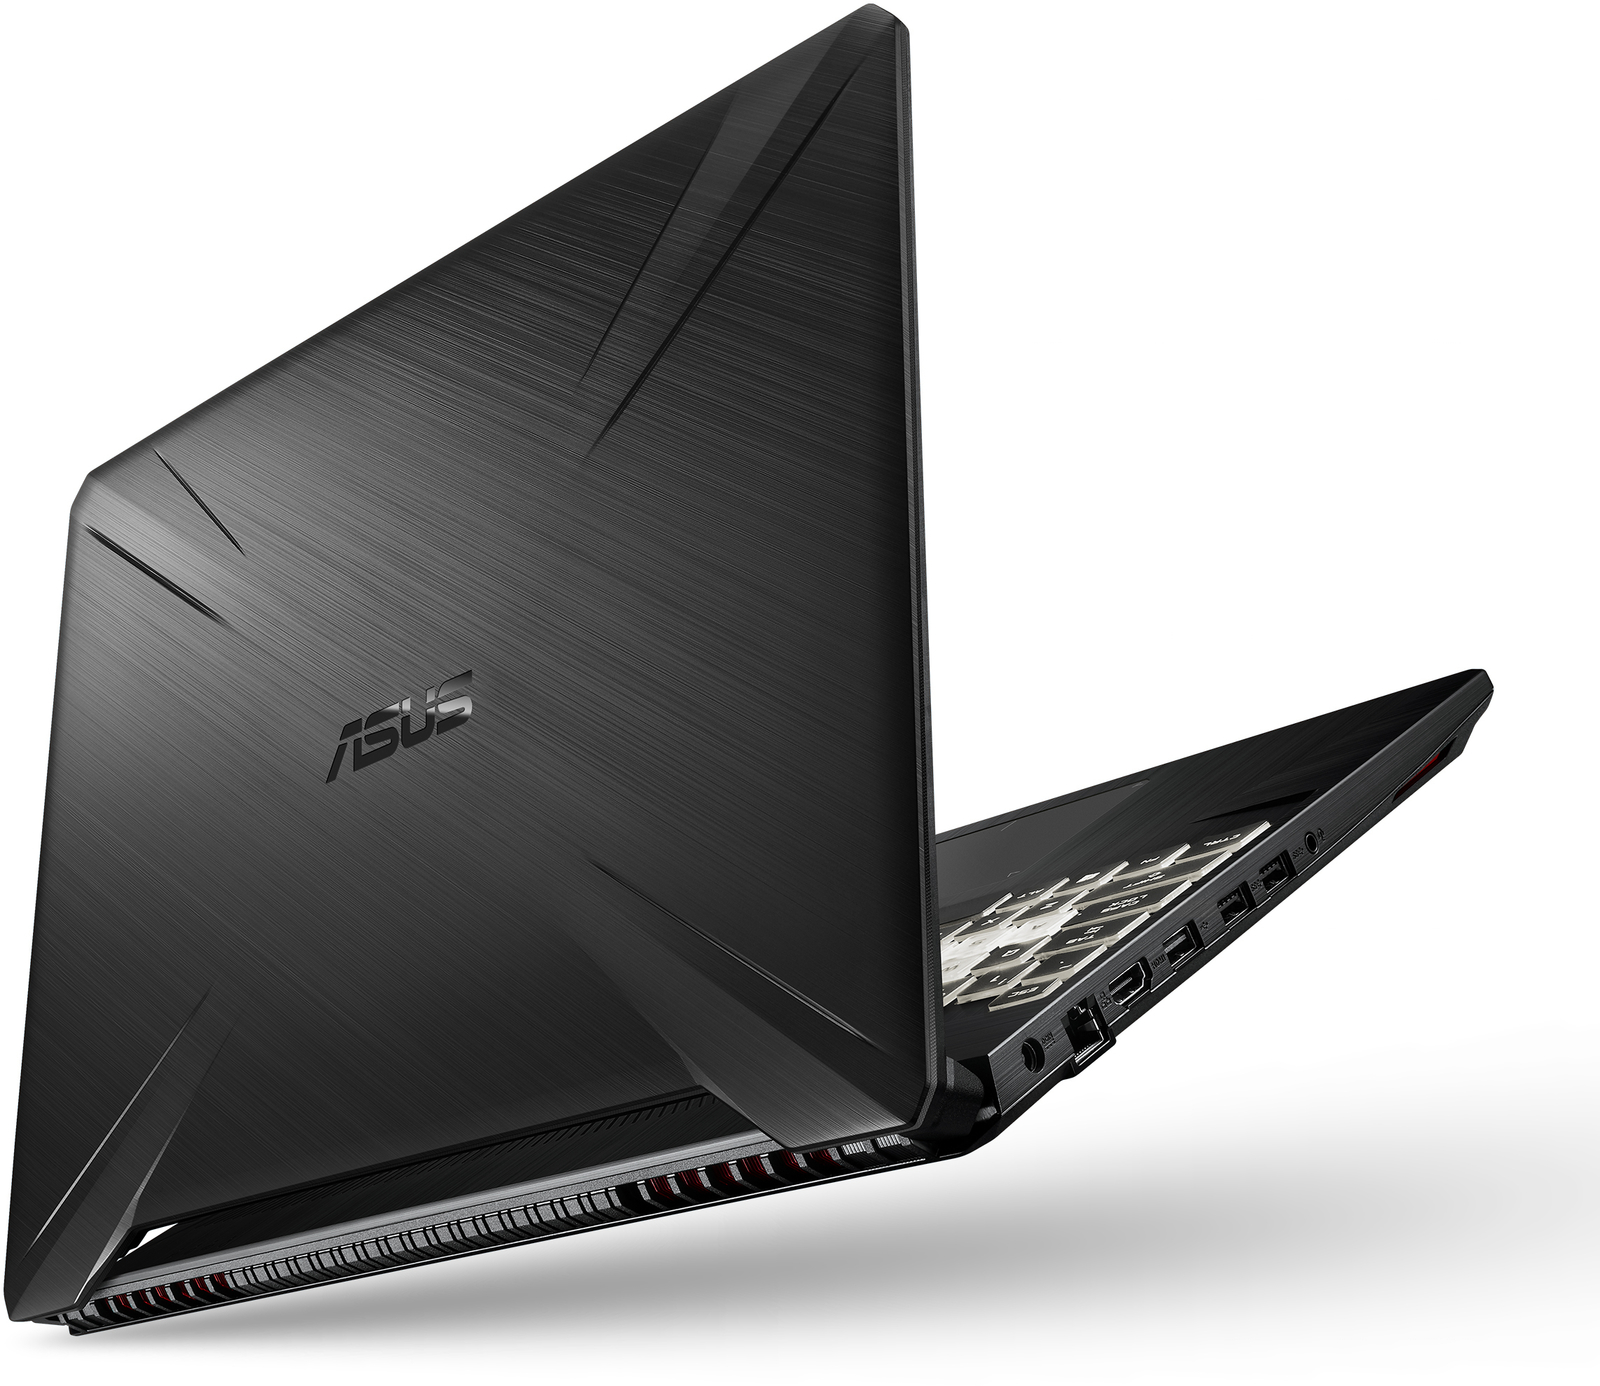 """15.6"""" ASUS TUF Gaming Ryzen 5 8GB GTX1650 512GB 120Hz Gaming Laptop image"""